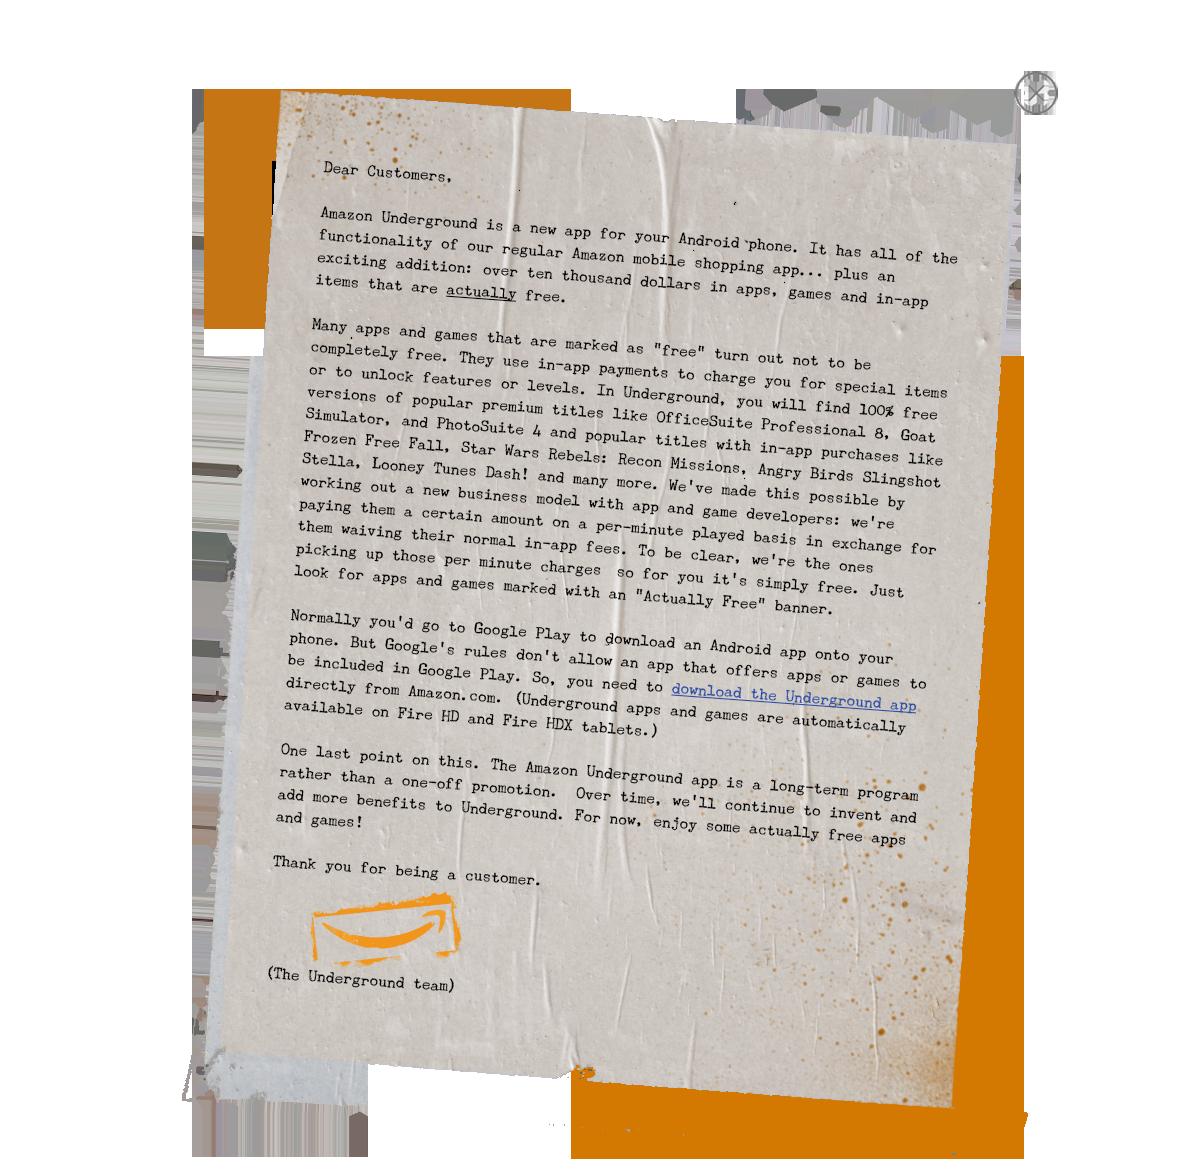 Lettre d'Amazon au sujet de l'application Underground.